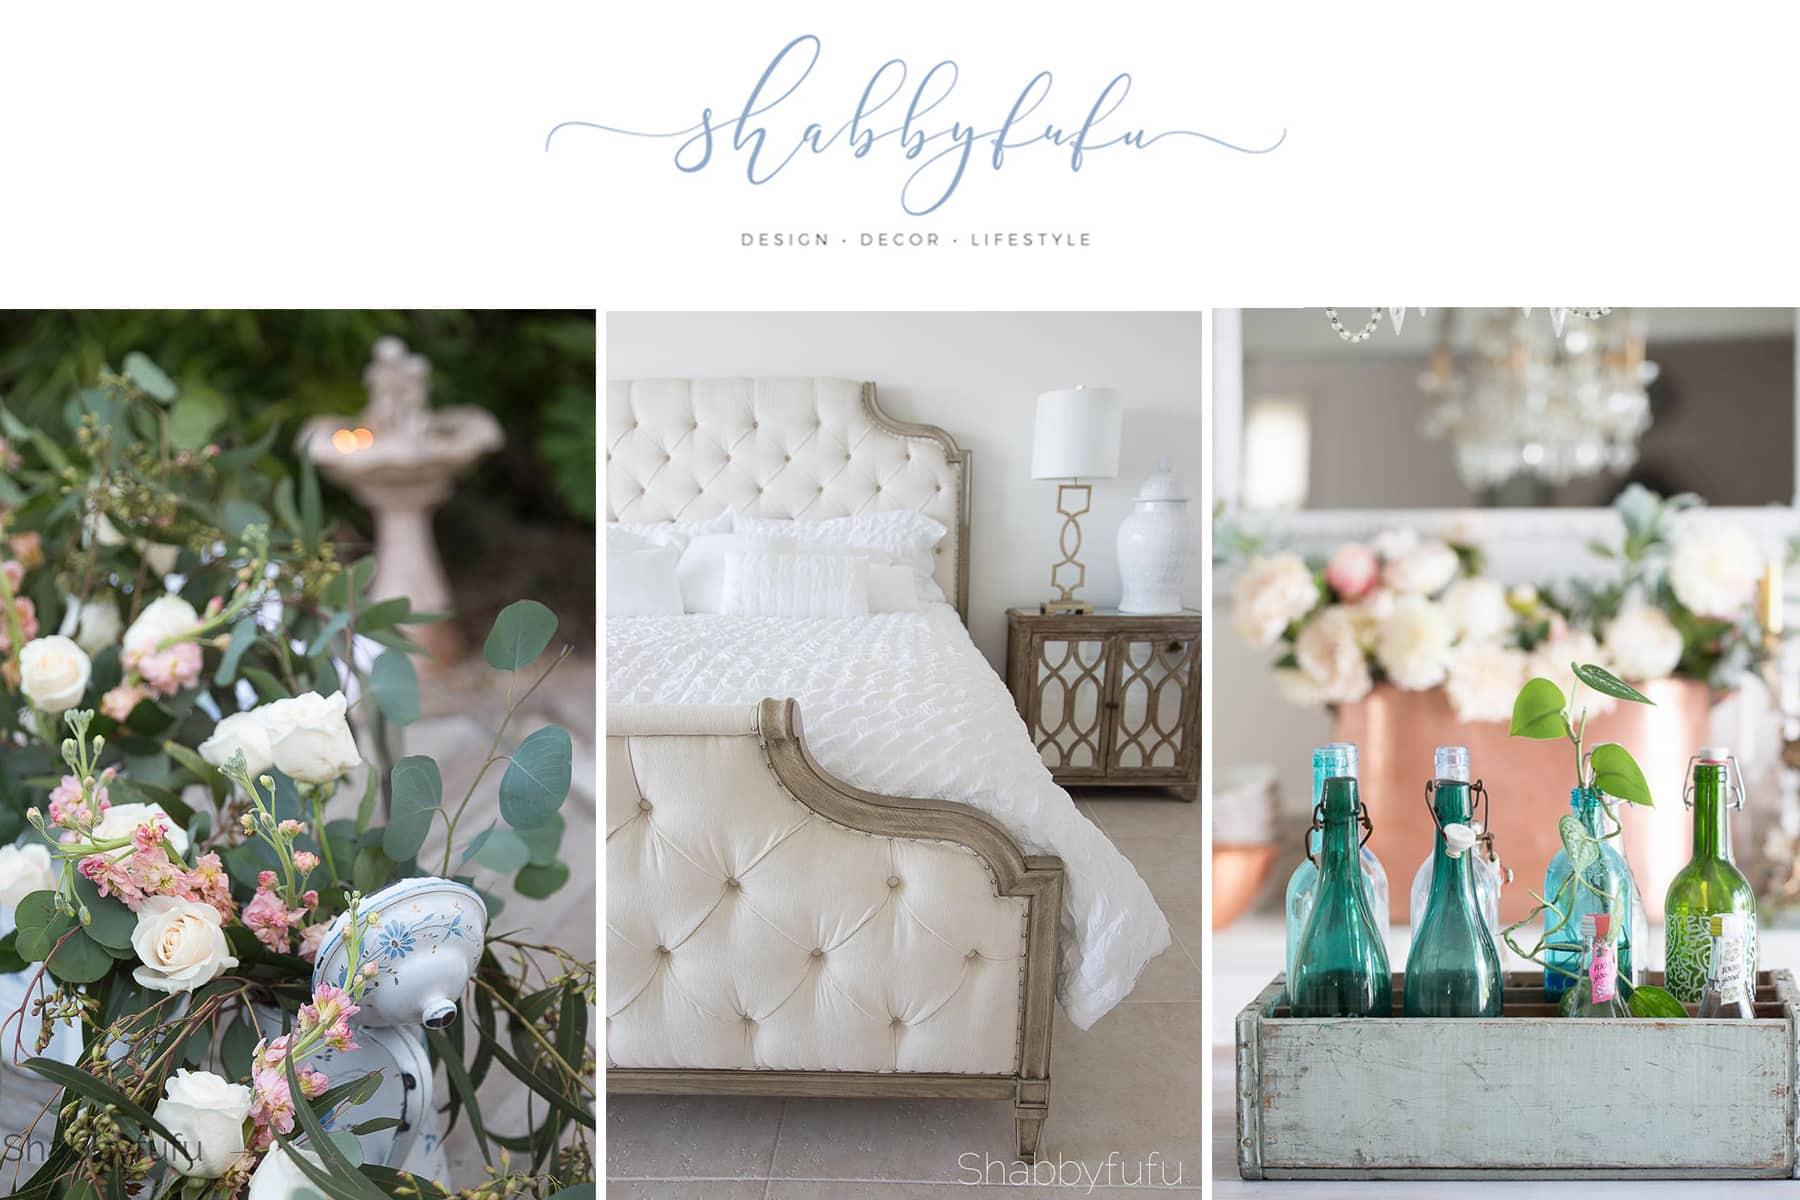 Style Showcase 28 Shabbyfufu